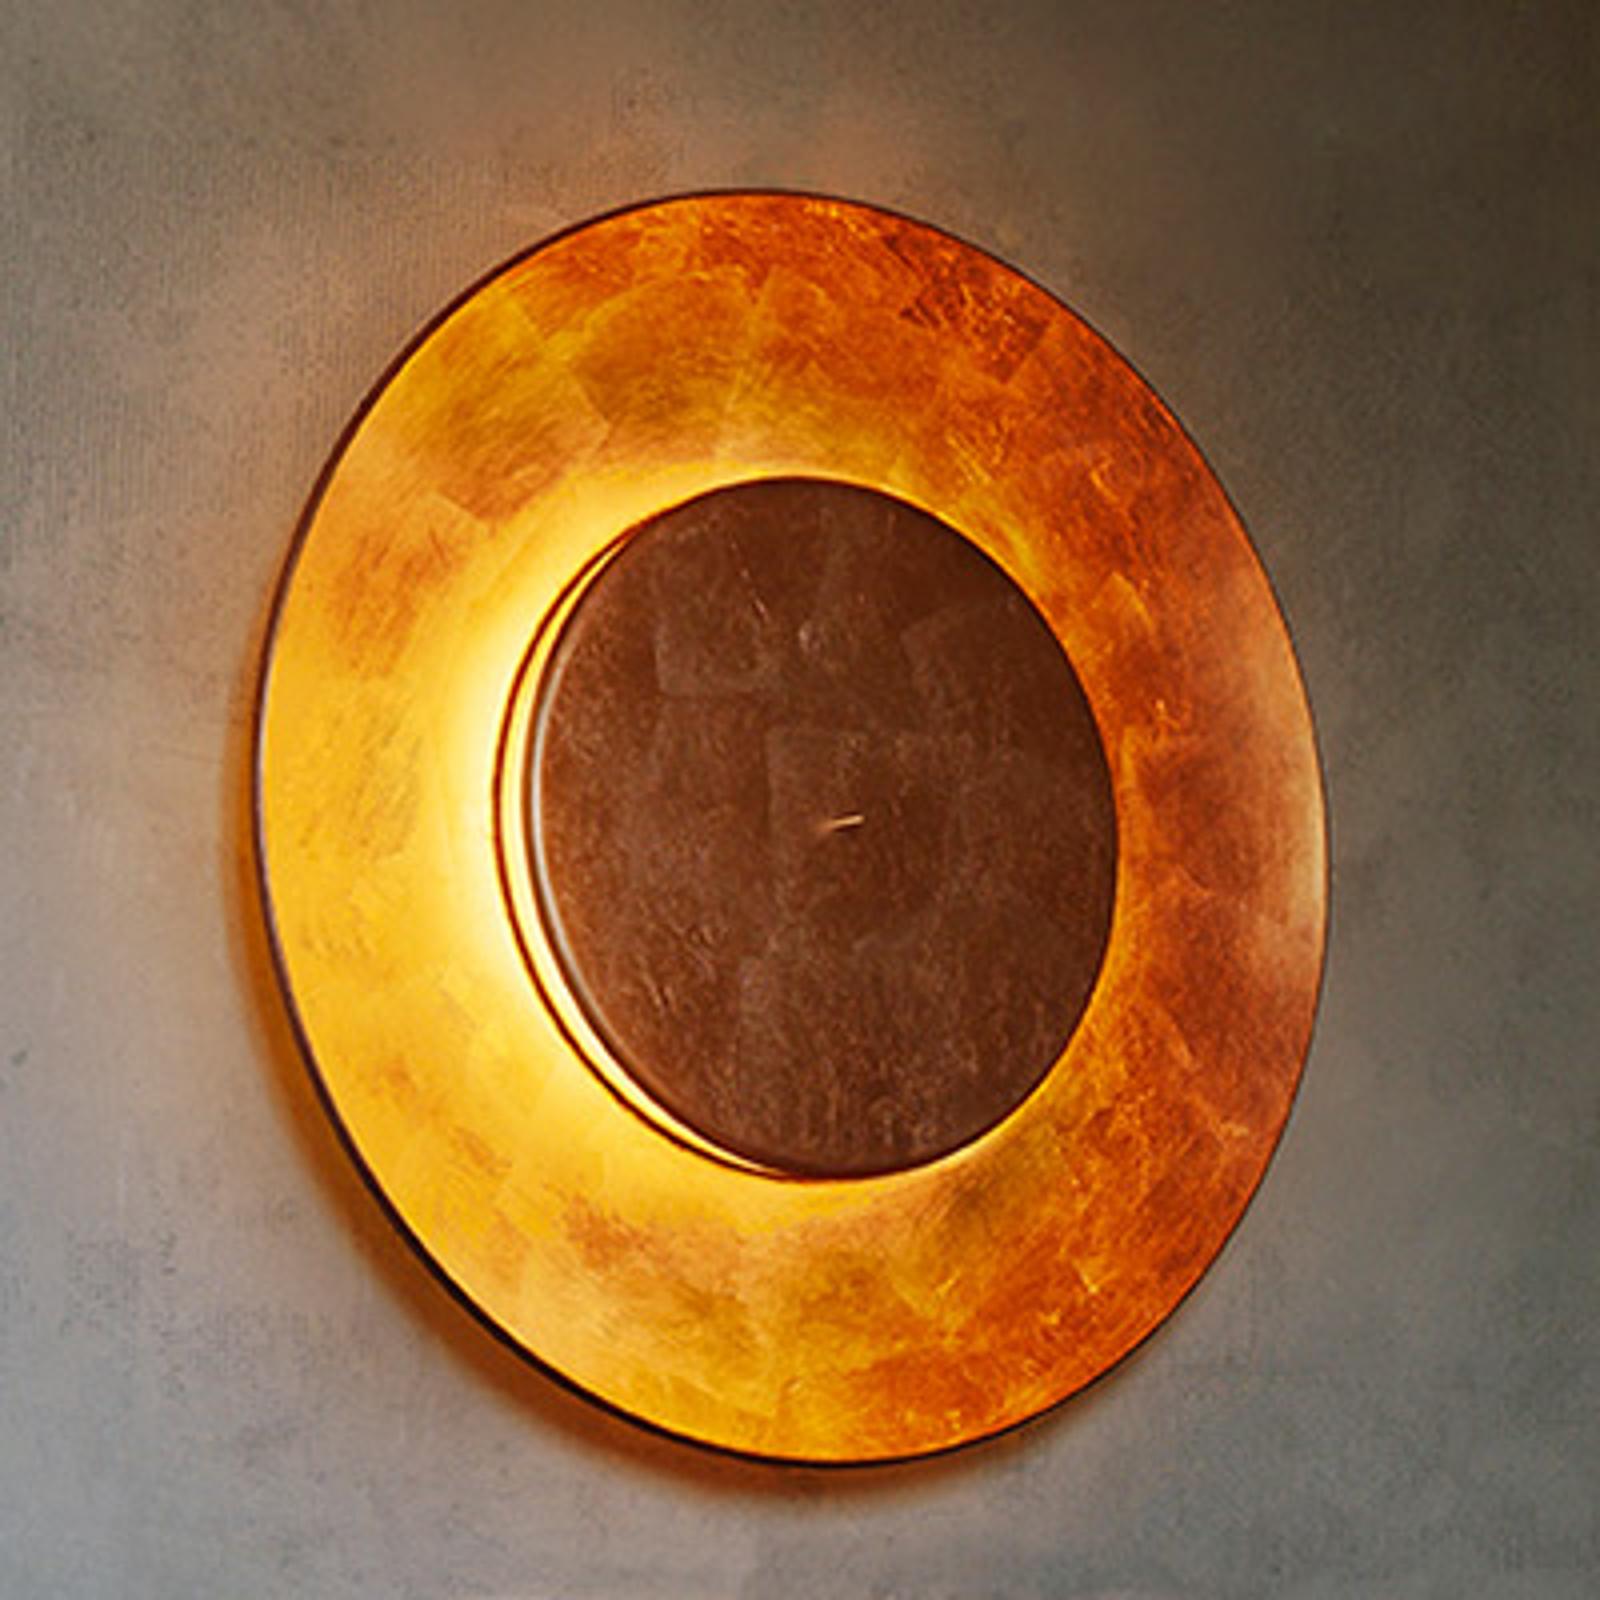 Lampa ścienna Lunaire 75 cm, miedź płatkowa